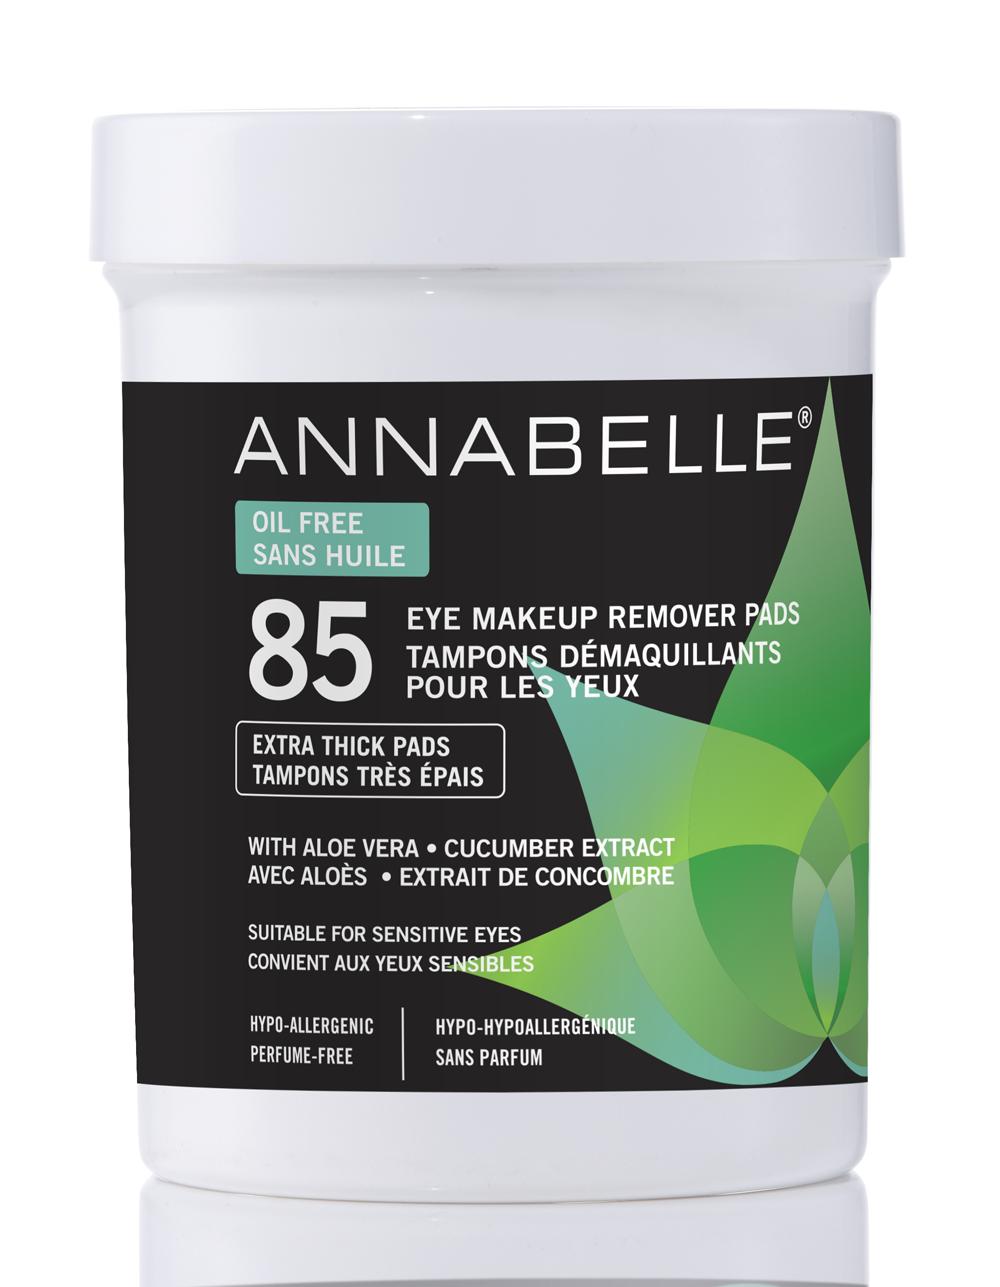 Annabelle Tampons démaquillants pour les yeux sans huile